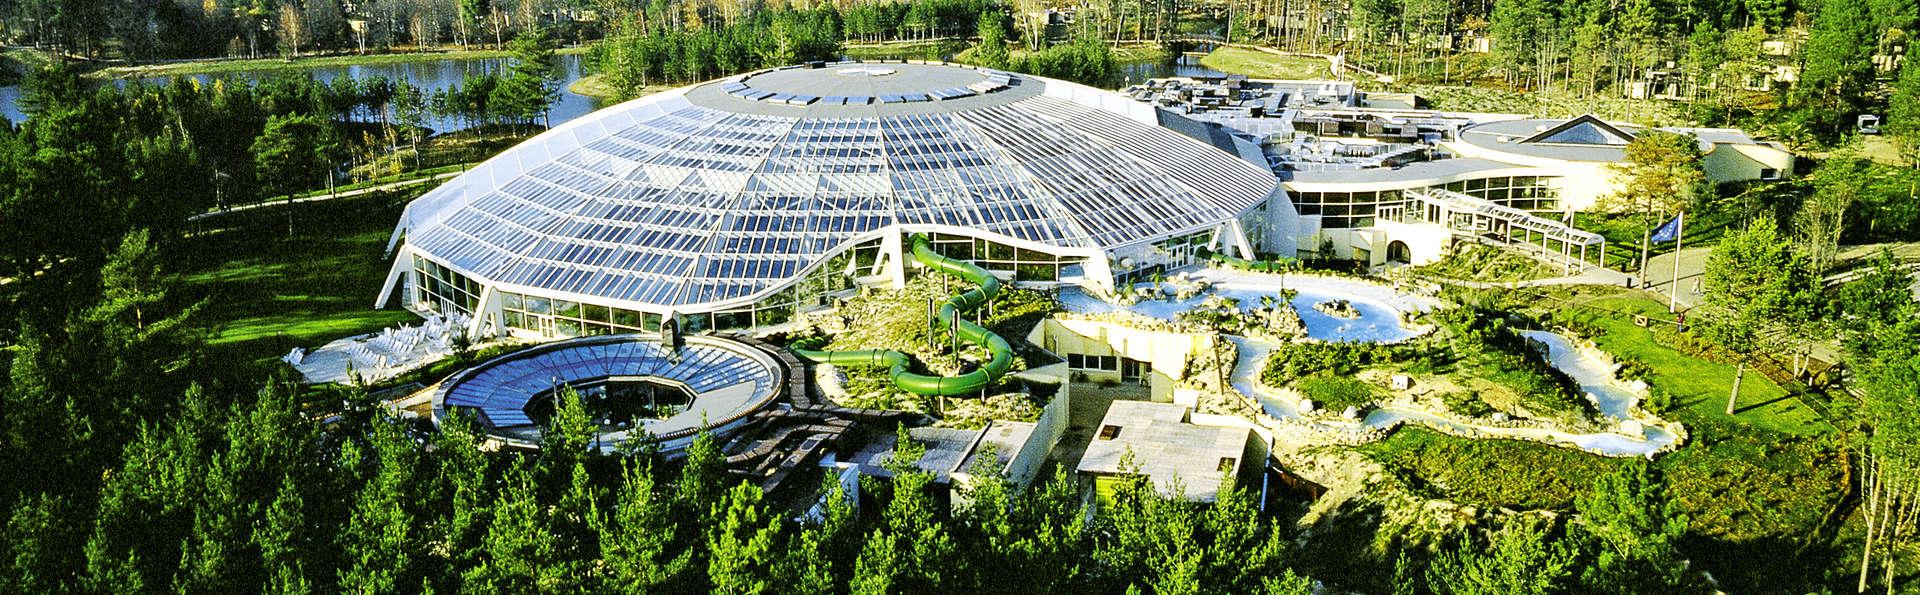 Center Parcs Domaine Des Hauts De Bruy 232 Res Chaumont Sur